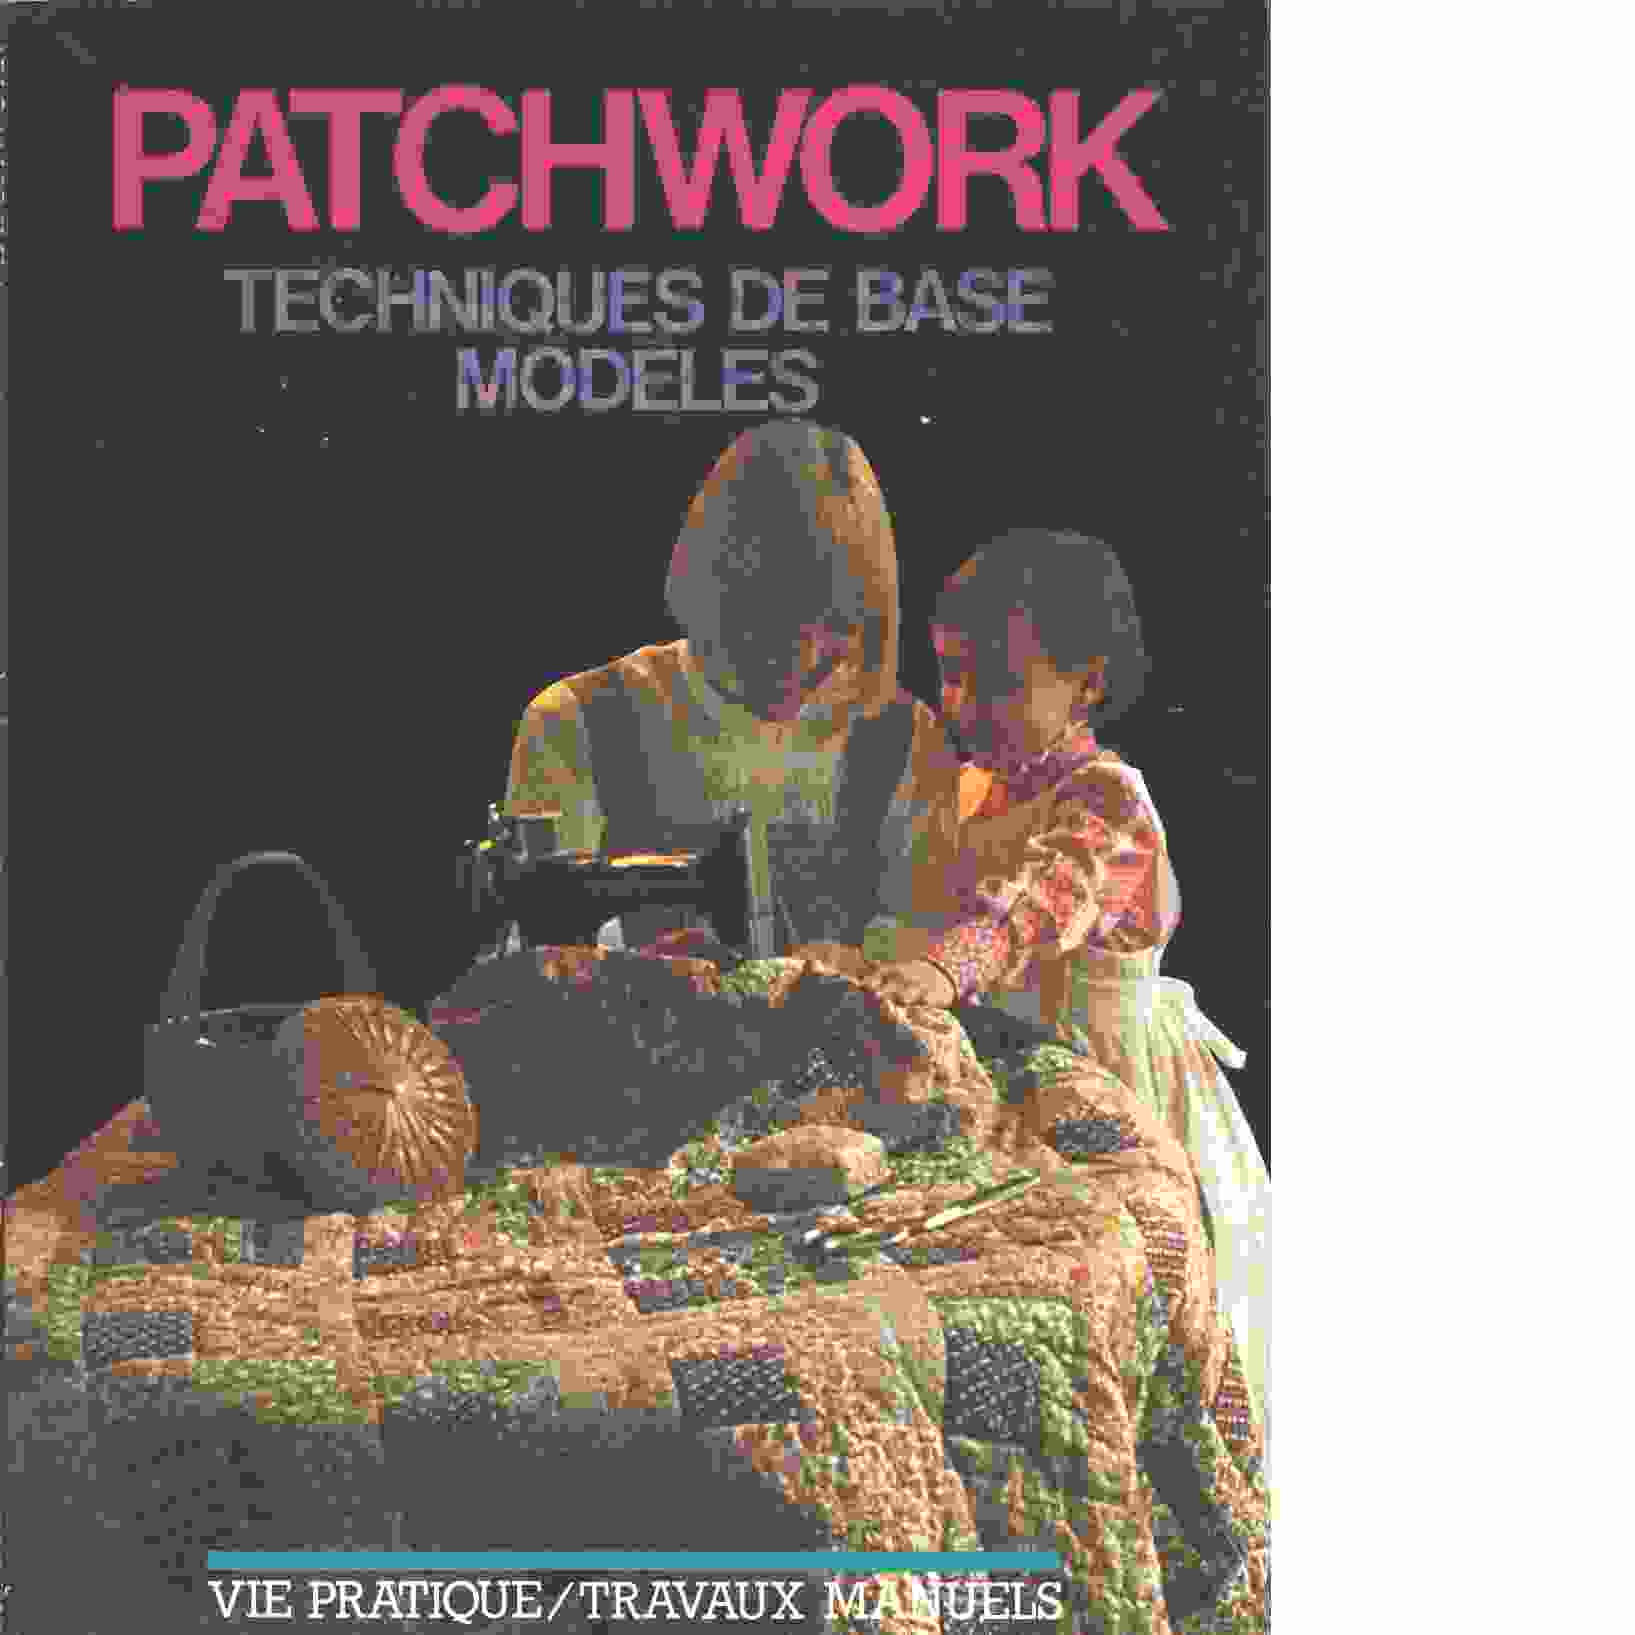 Patchwork: [techniques de base modèles] - Red.